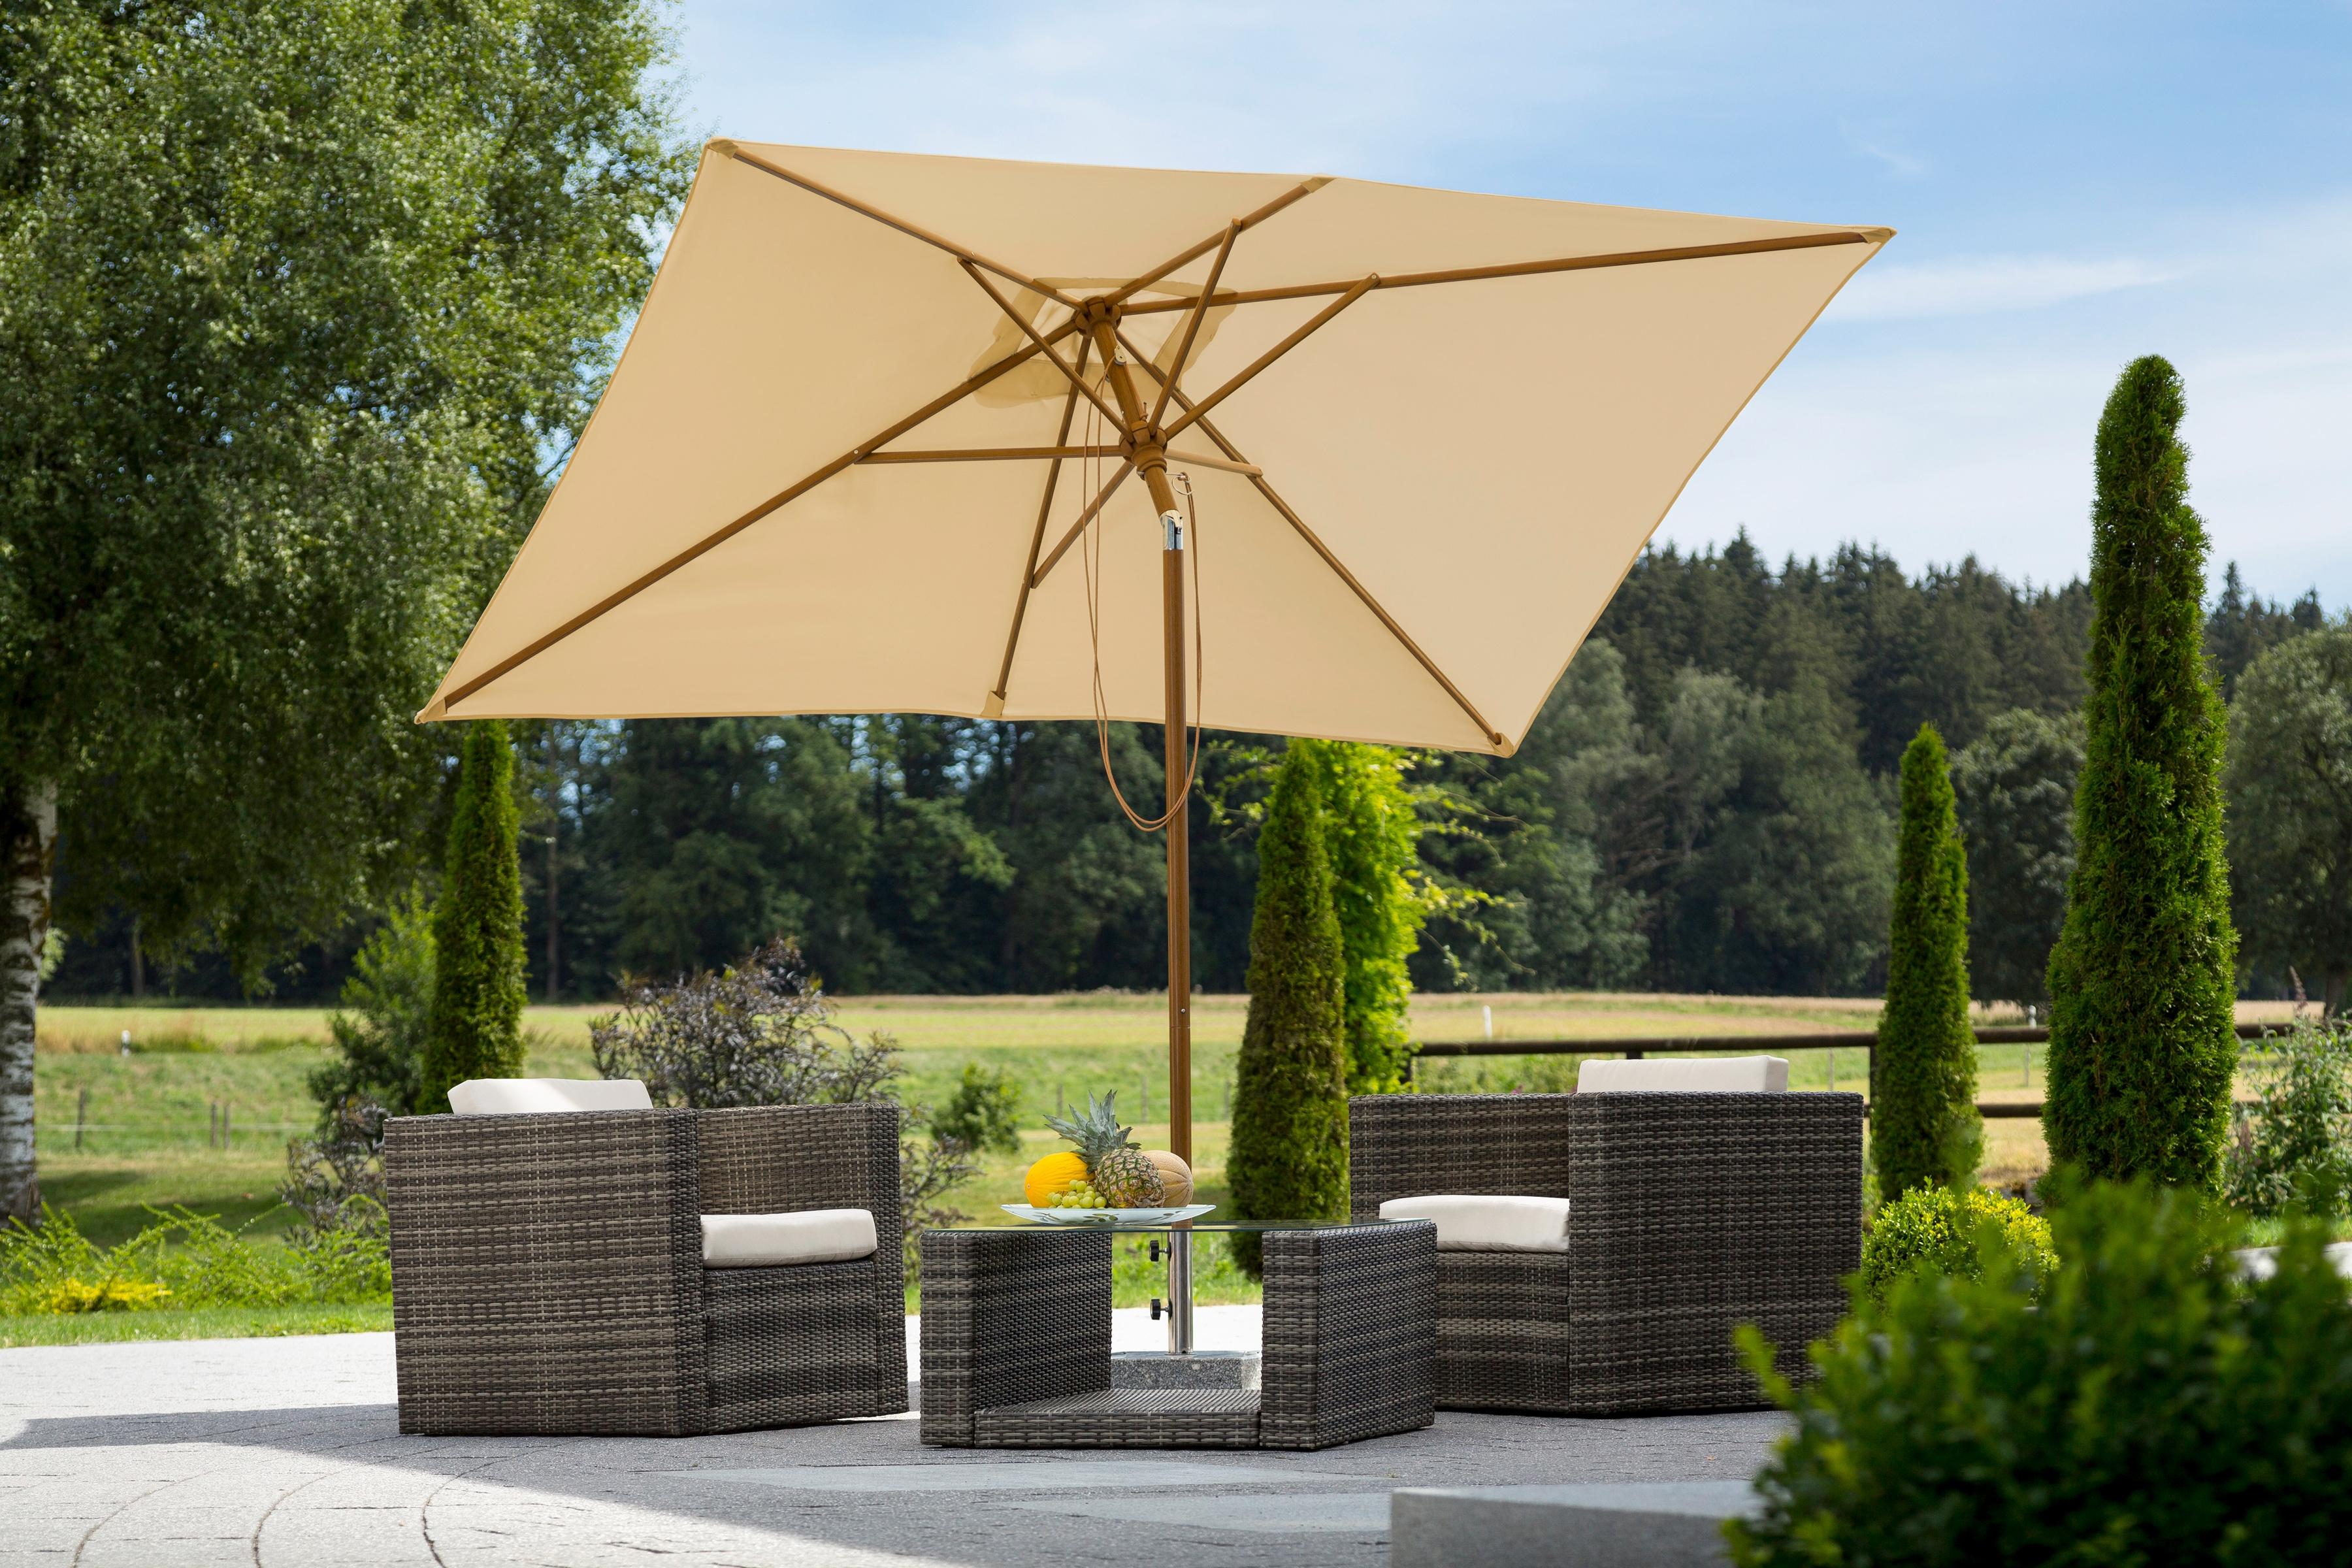 Schneider Schirme Sonnenschirm Malaga, abknickbar, ohne Schirmständer beige Sonnenschirme -segel Gartenmöbel Gartendeko